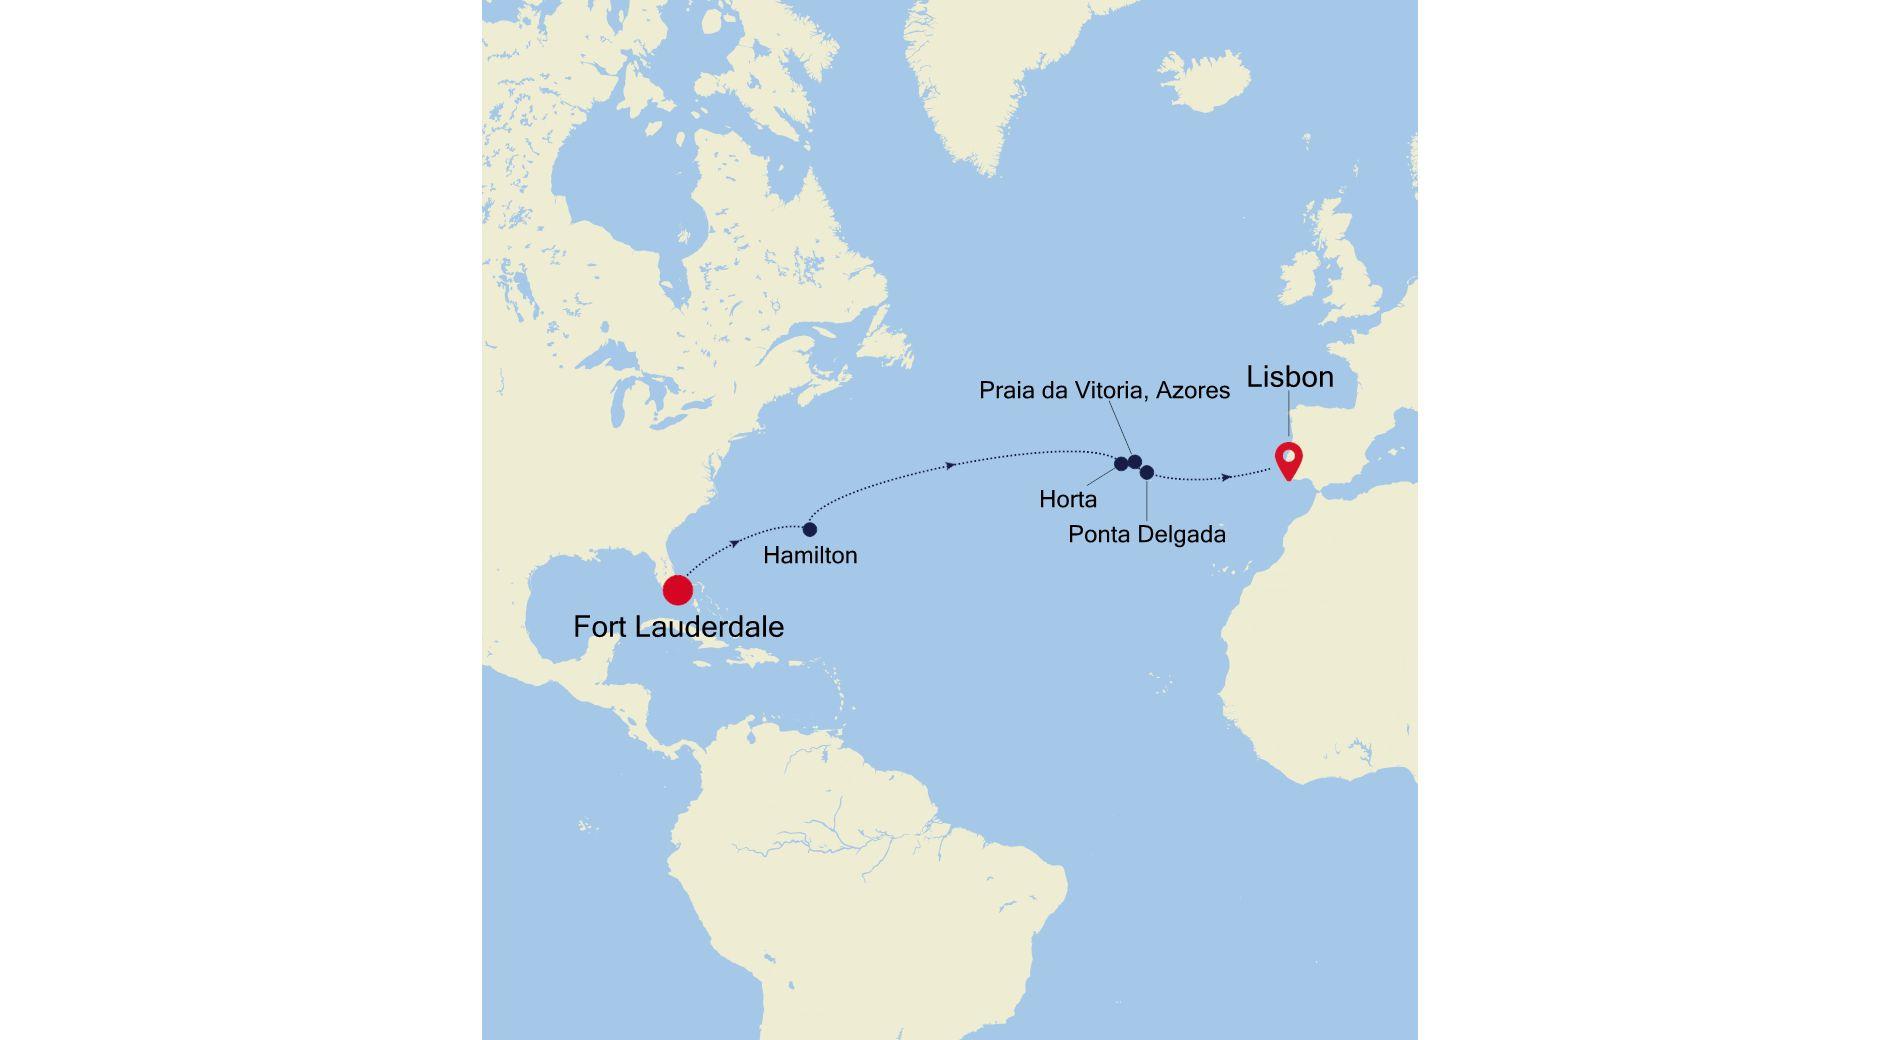 DA220318014 - Fort Lauderdale à Lisbon